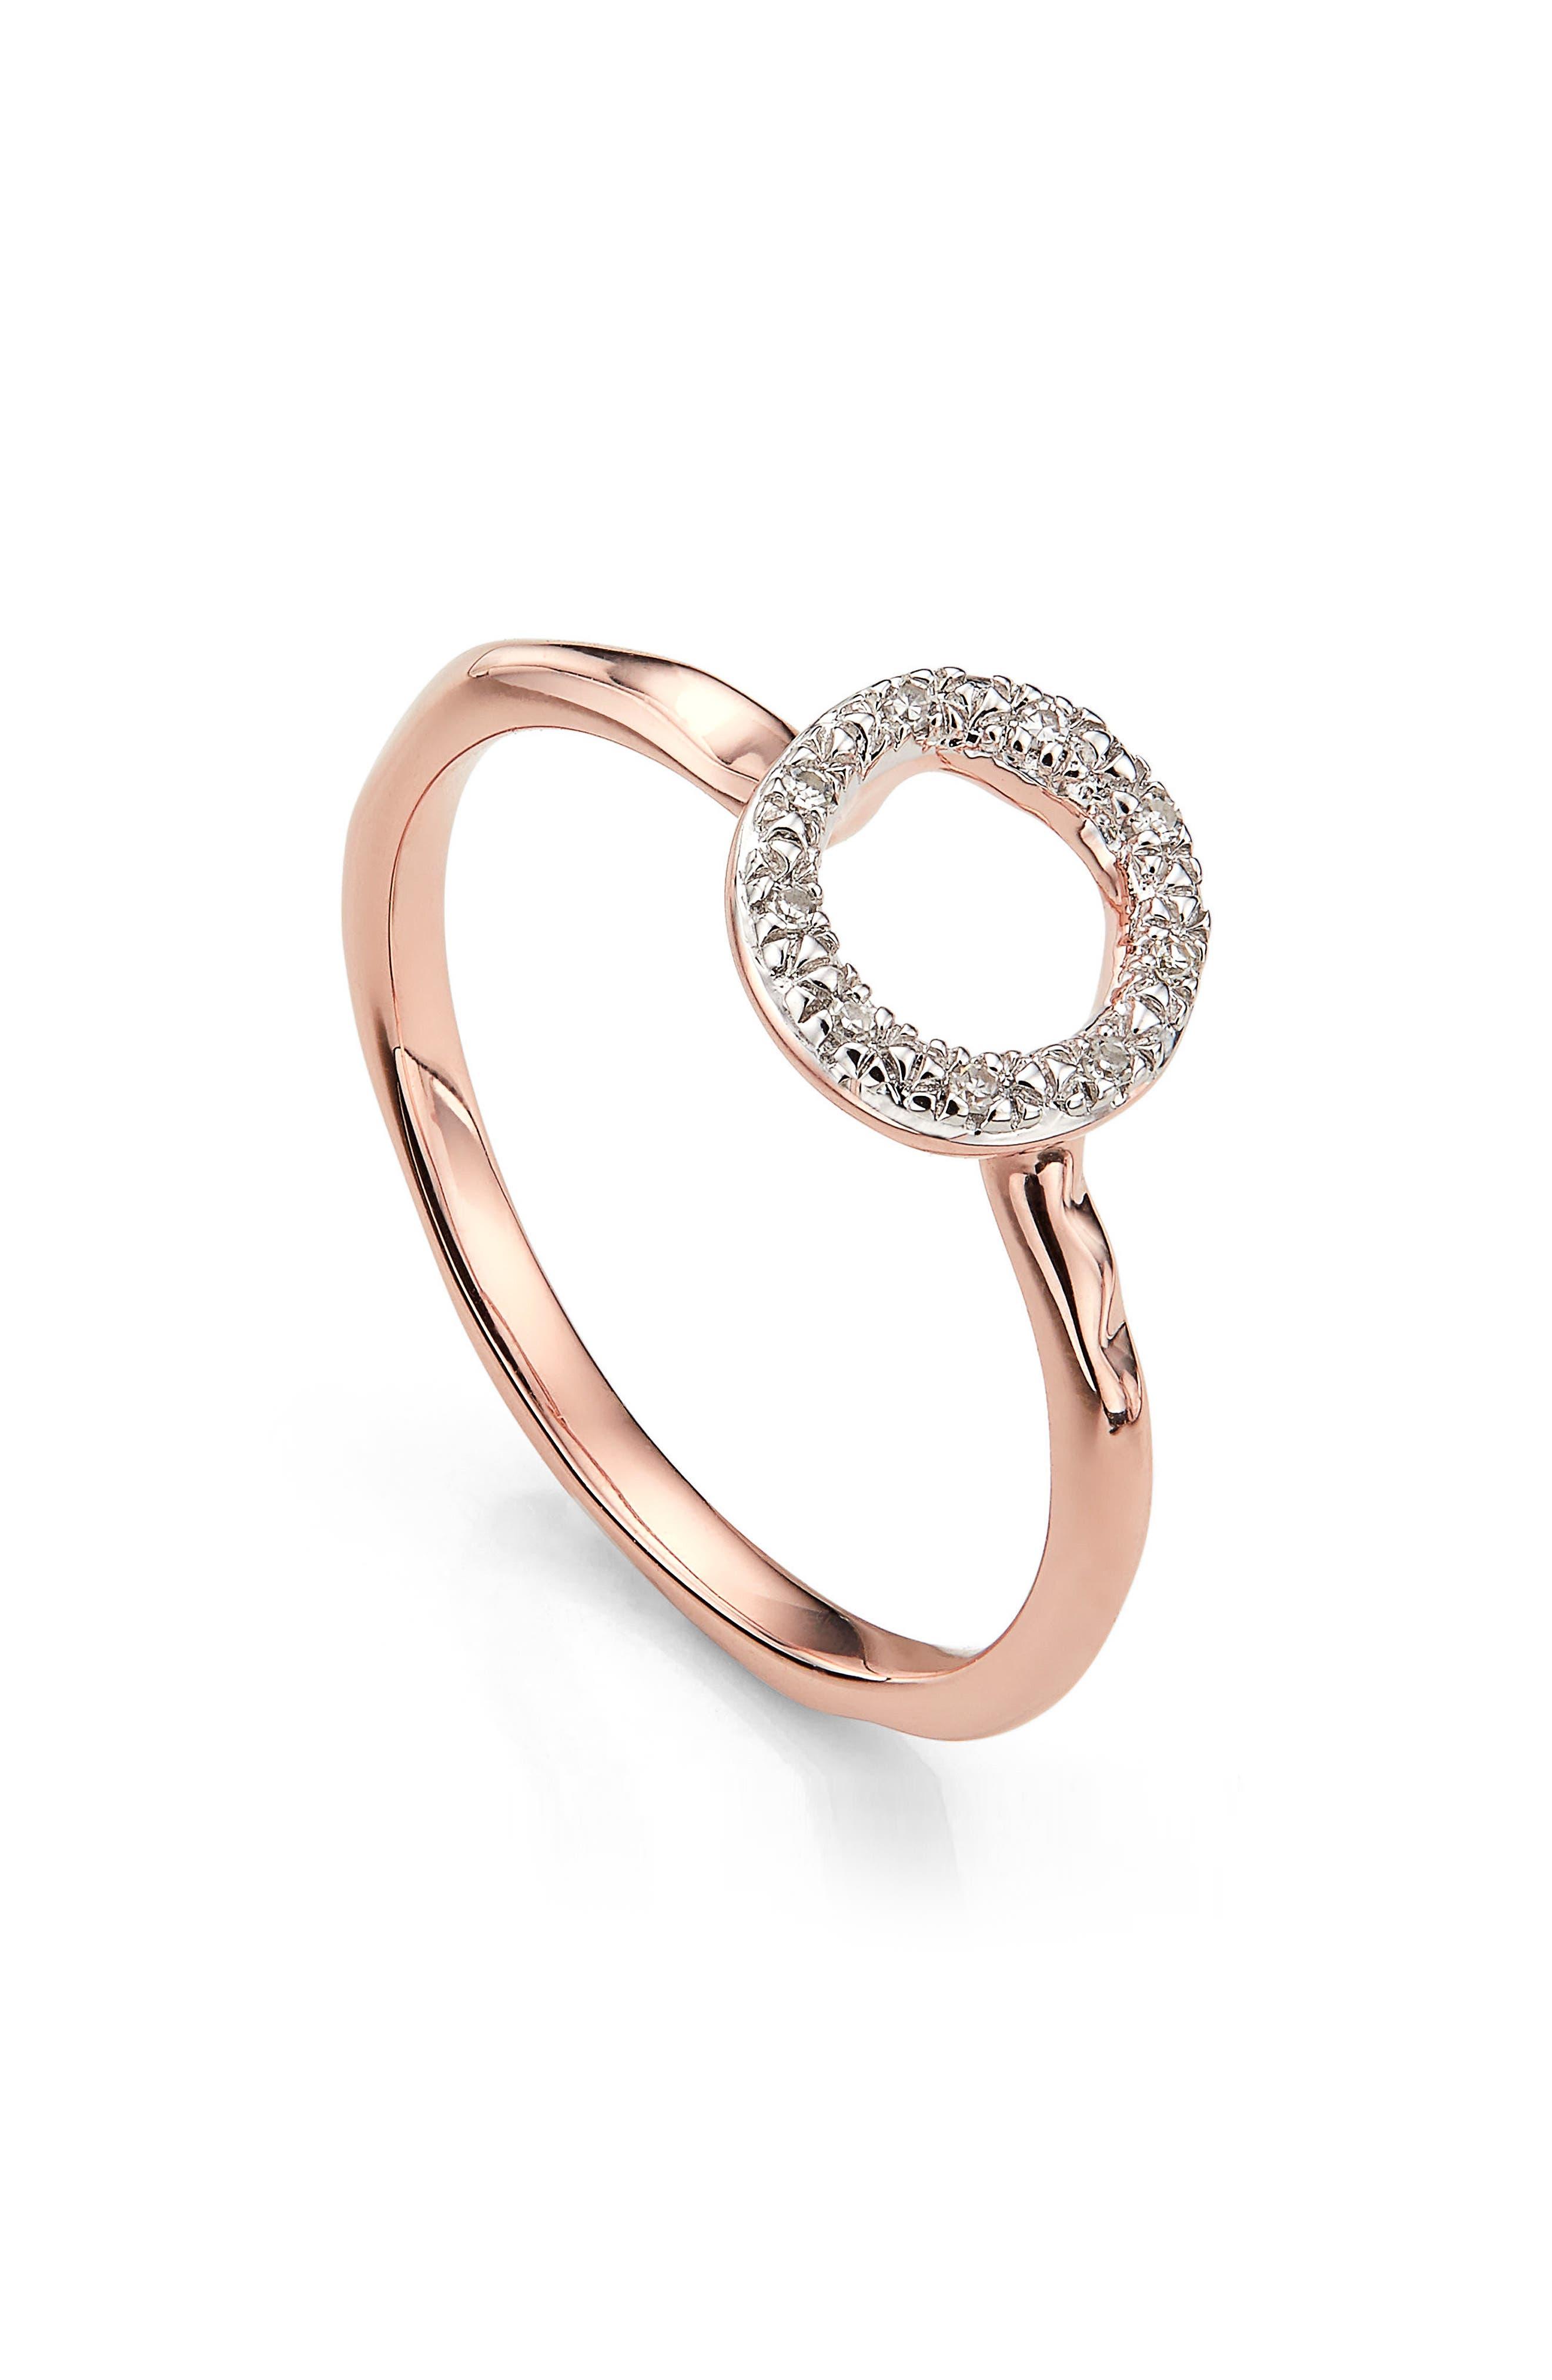 Riva Diamond Mini Circle Ring,                             Alternate thumbnail 3, color,                             Rose Gold/ Diamond